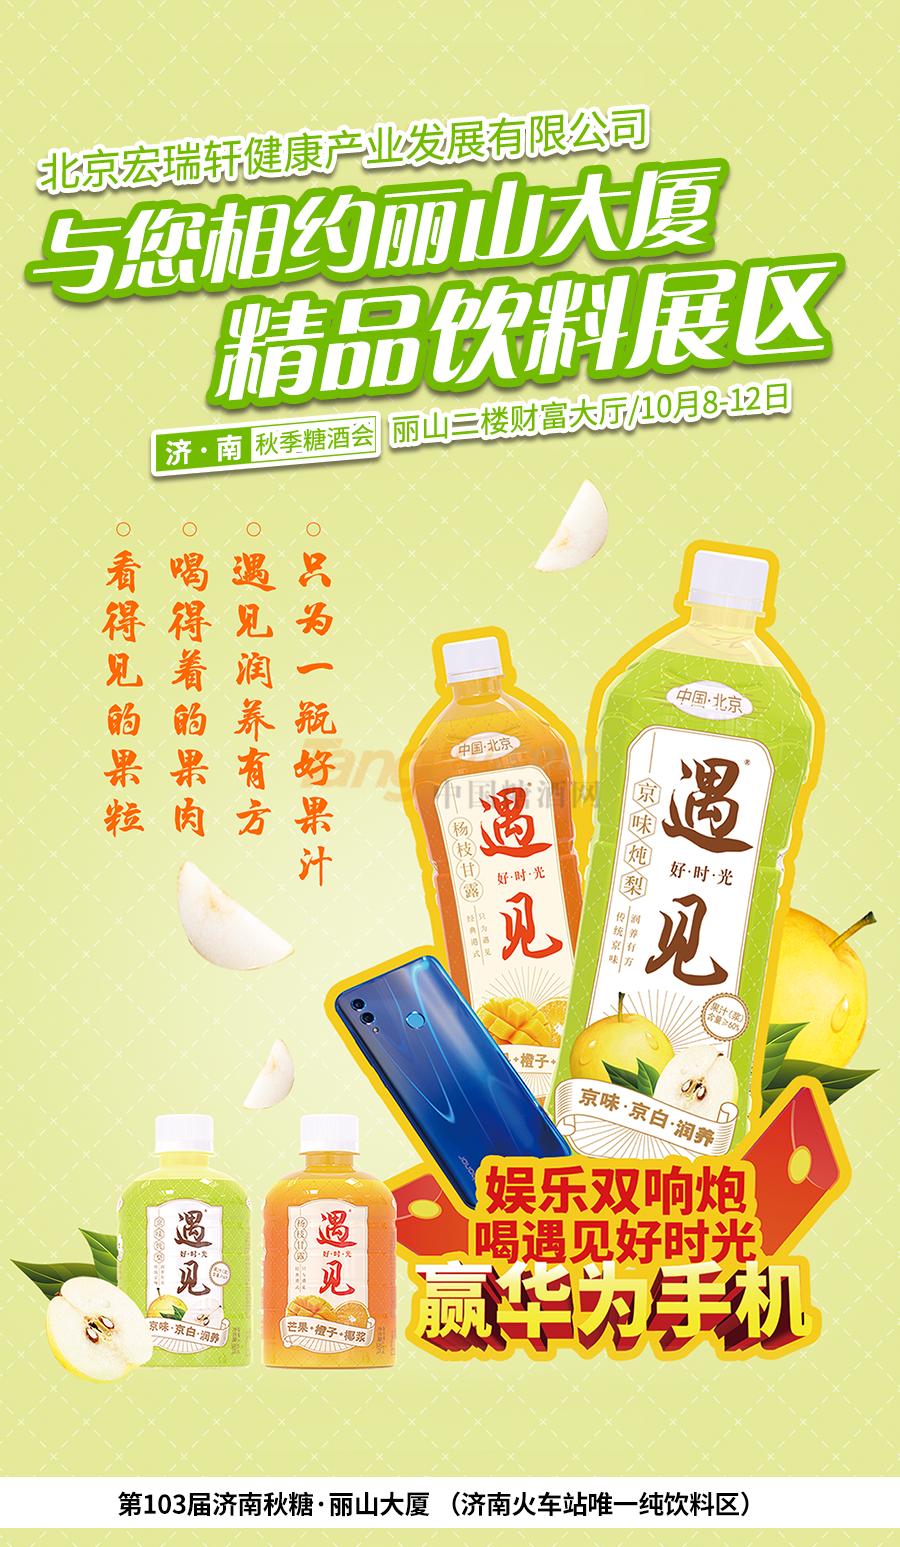 重庆光能饮料有限公司-1.png